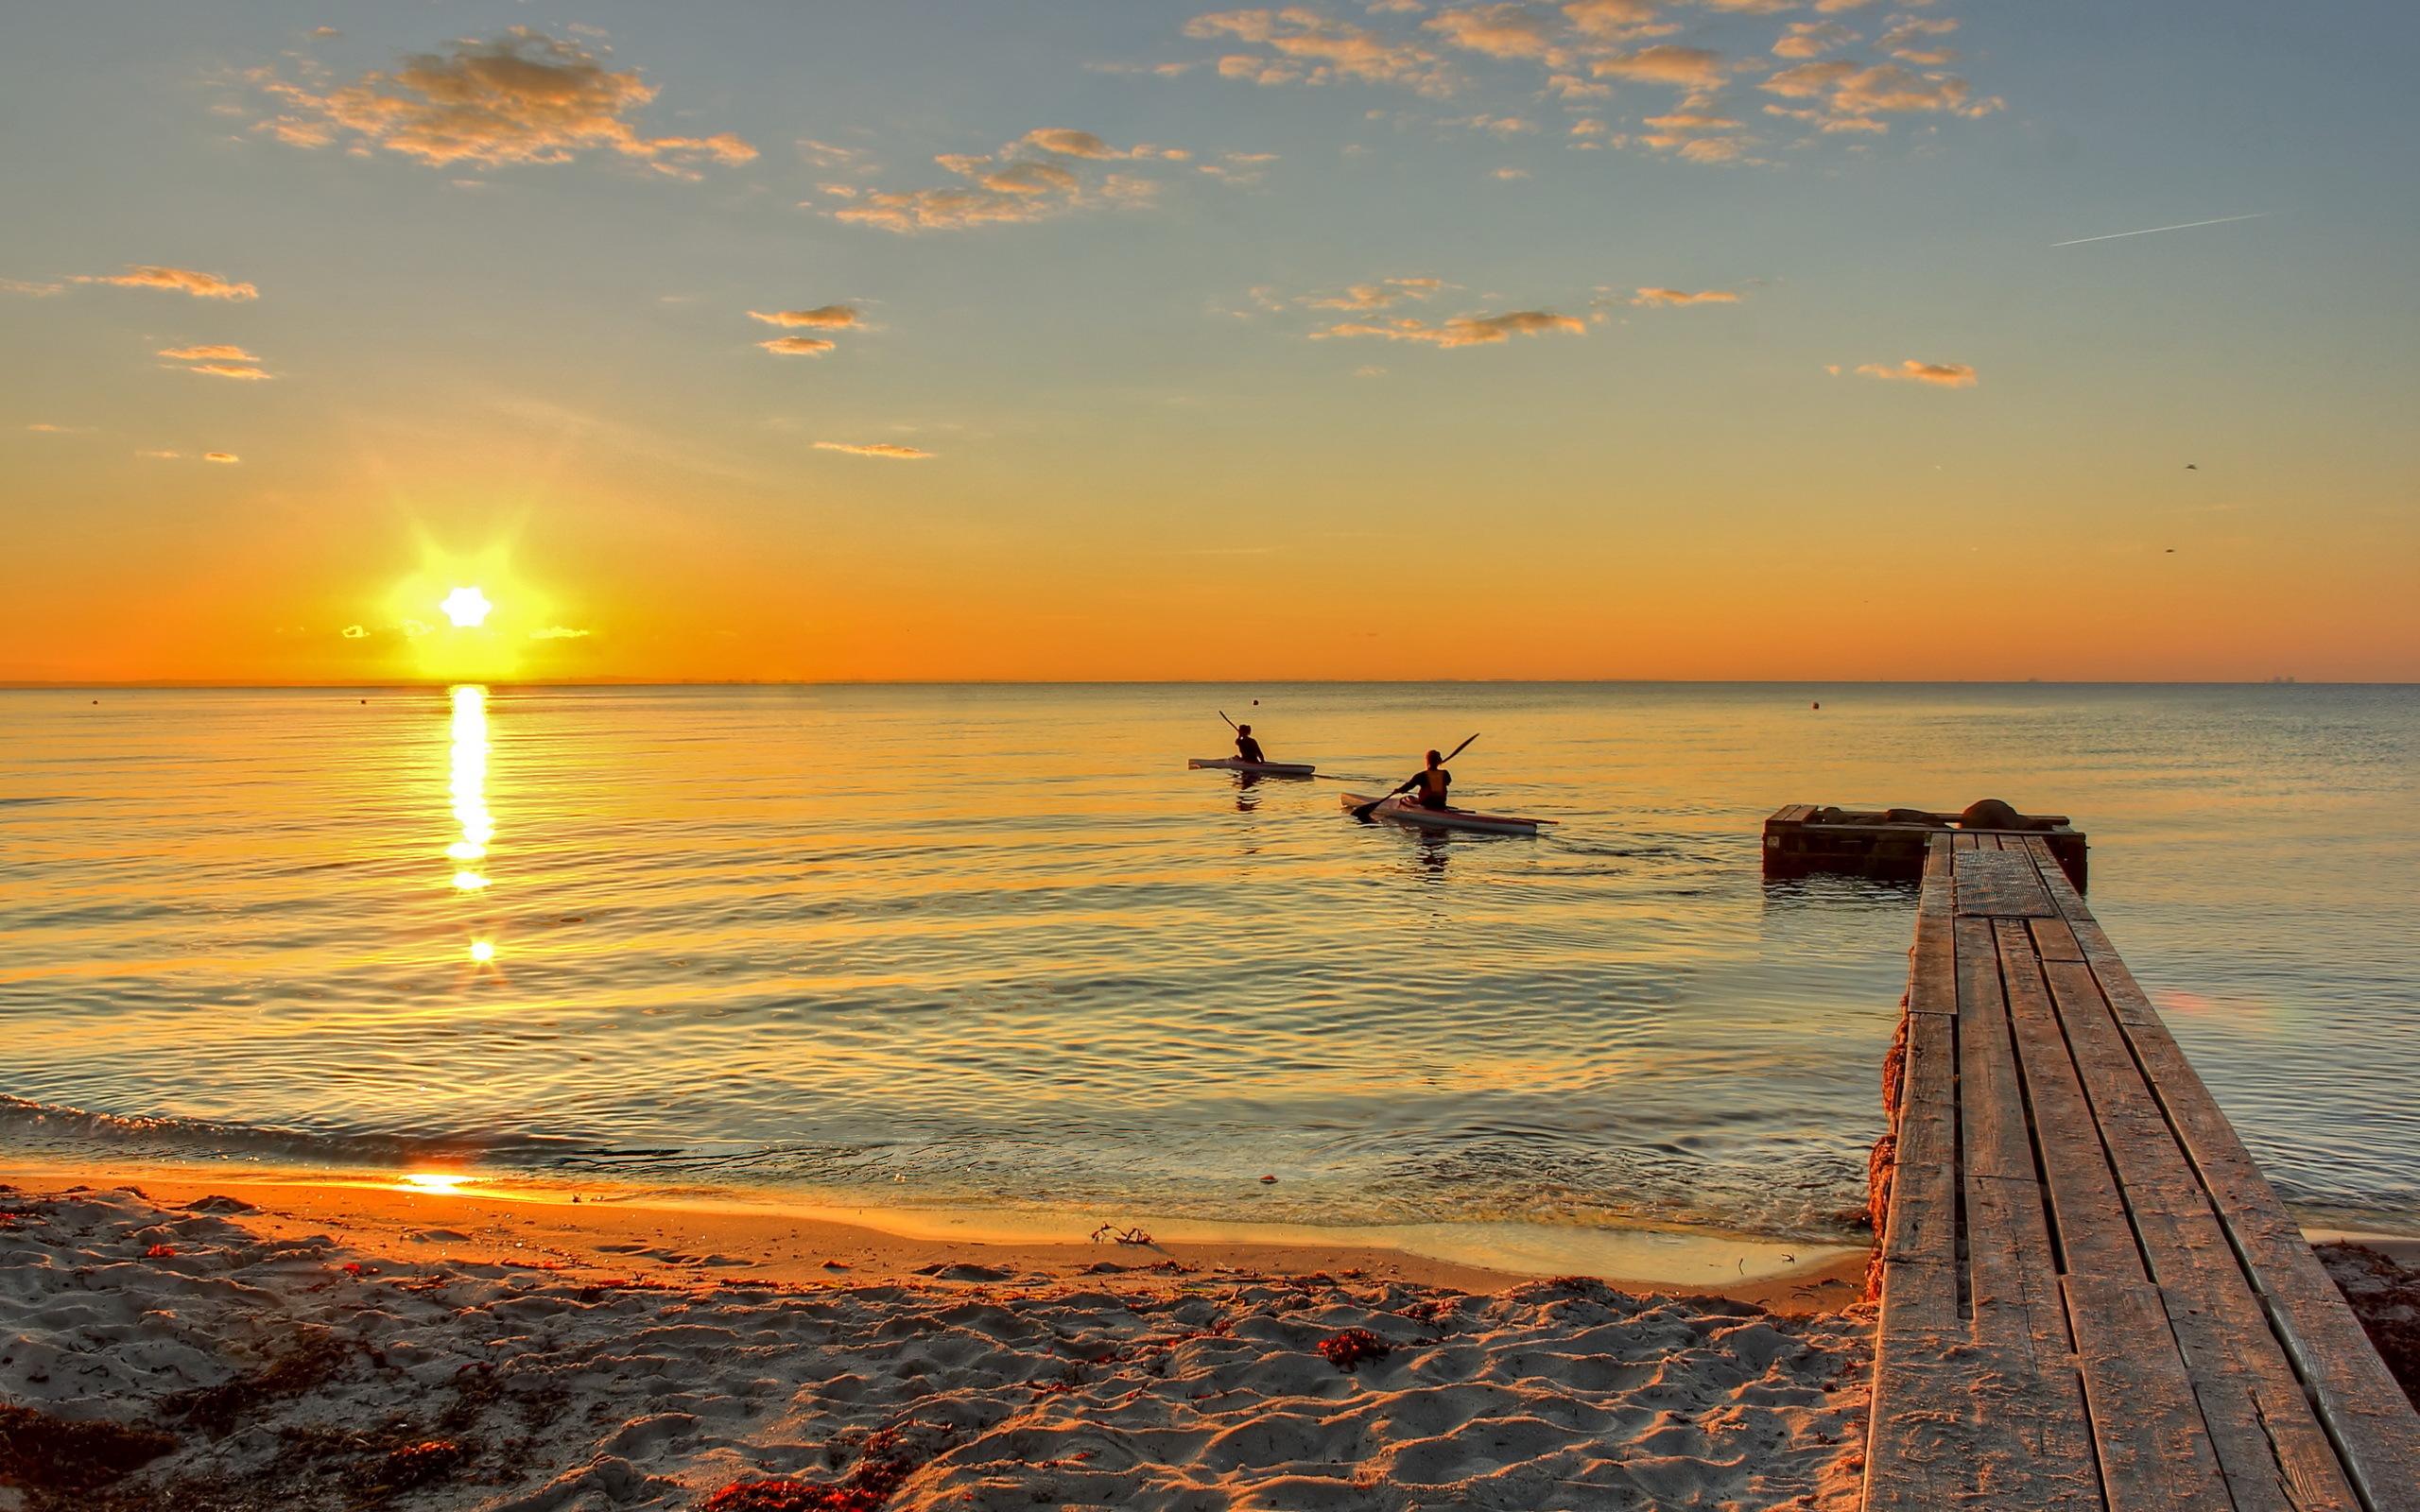 море солнце закат яхта загрузить